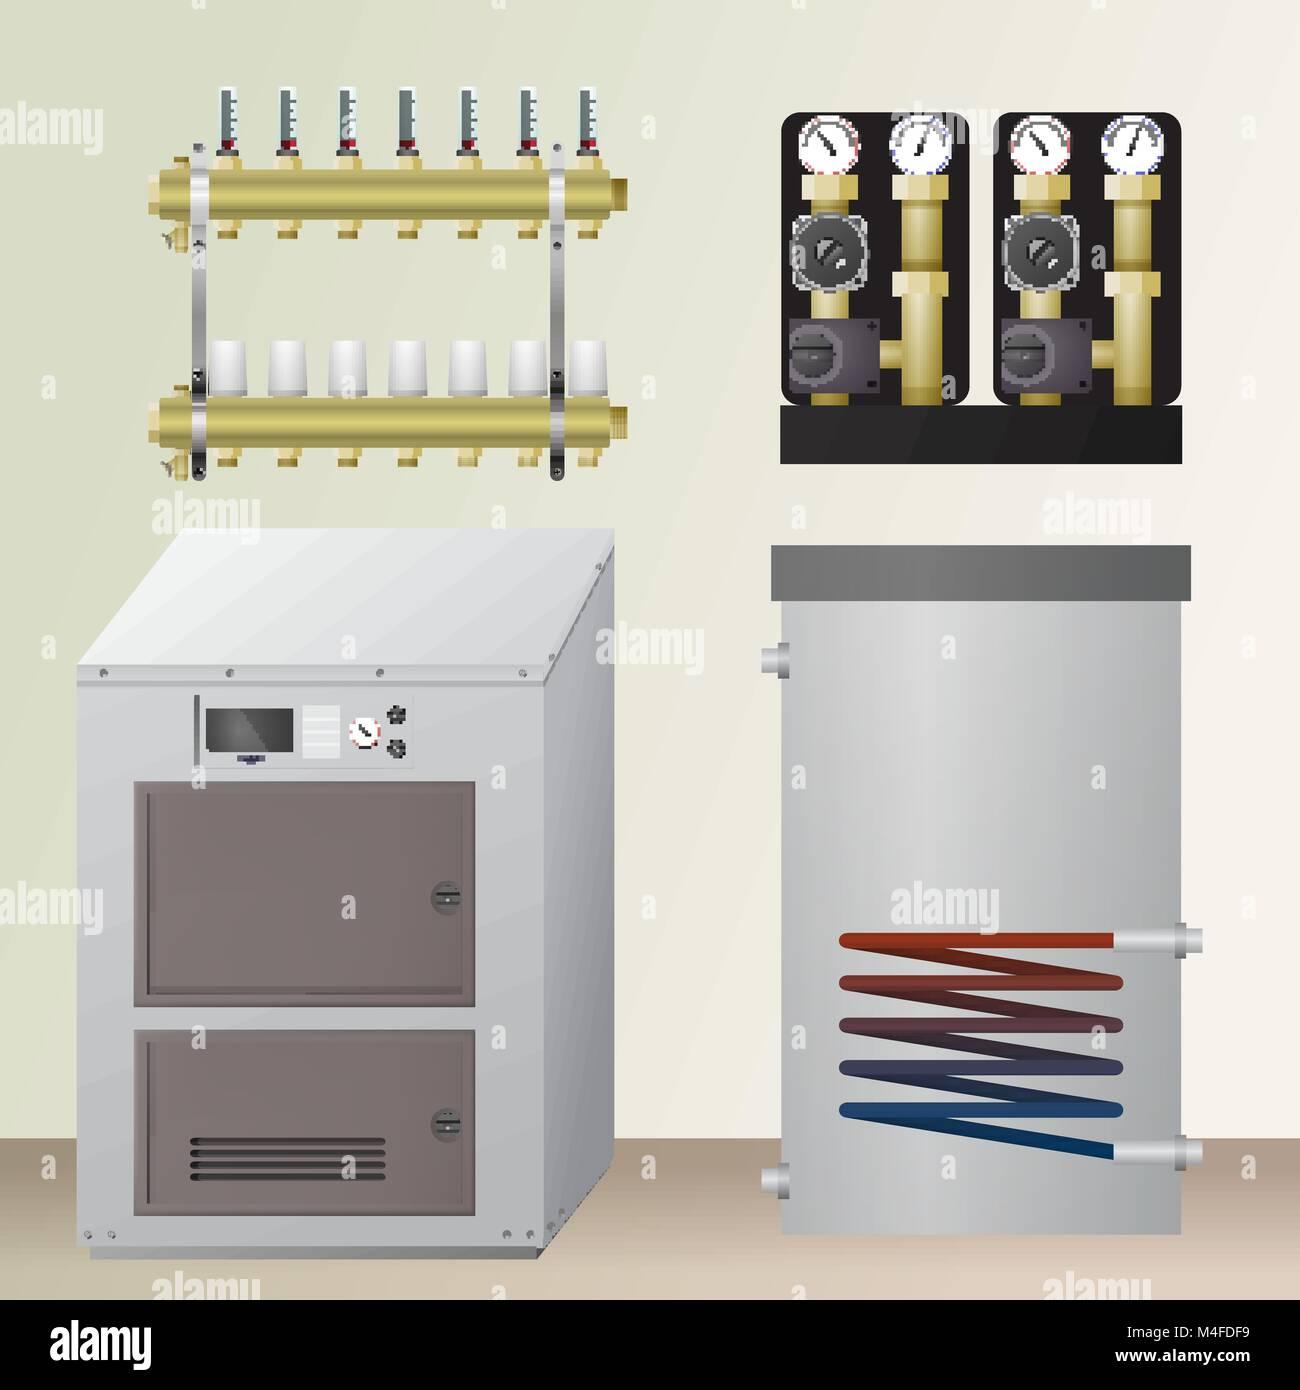 Solid fuel boilers BEACON 79